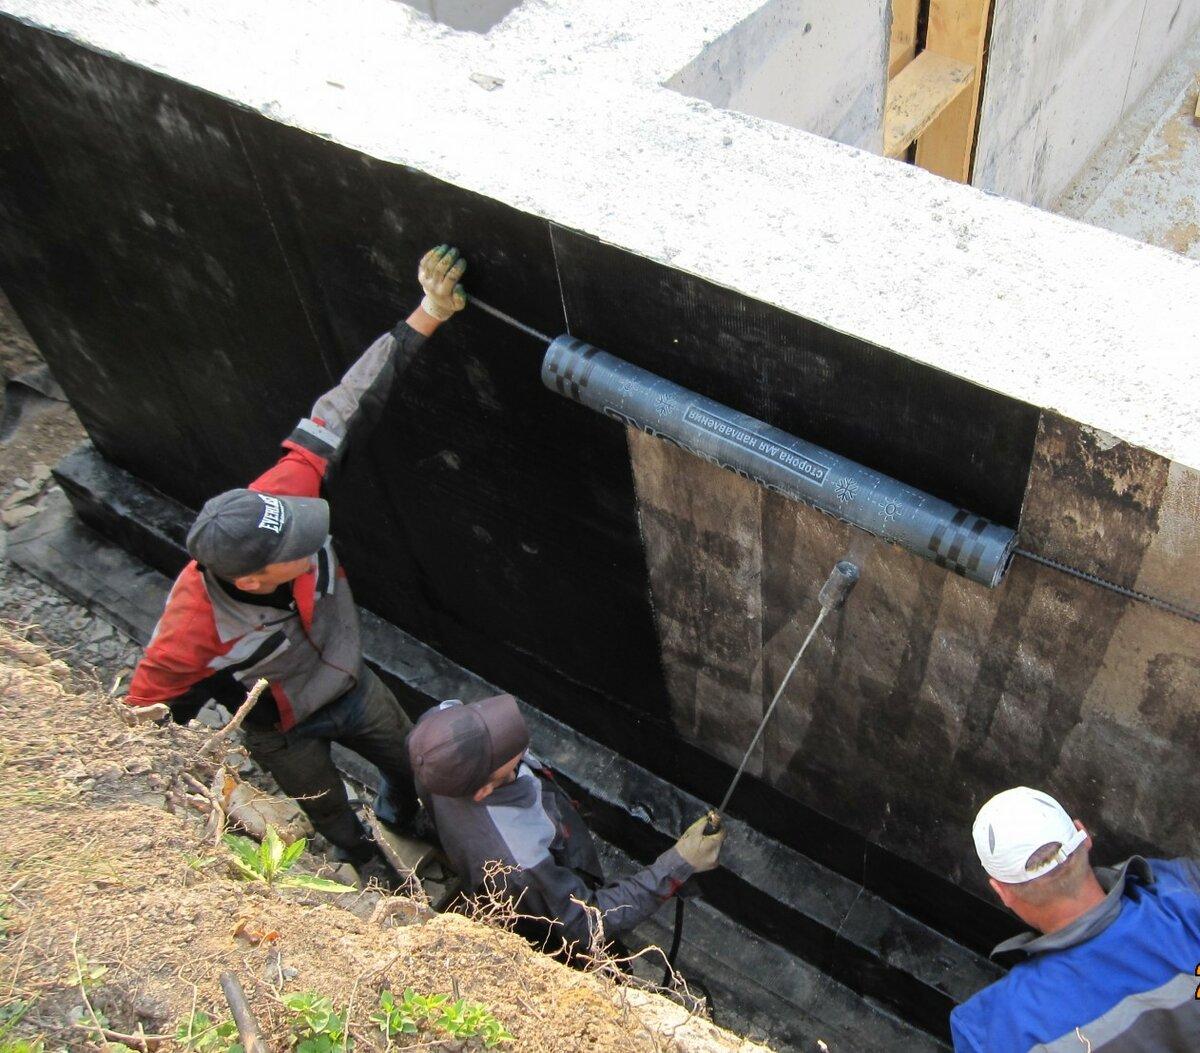 Гидроизоляция пола подвала: способы и технология гидроизоляции в подвале дома